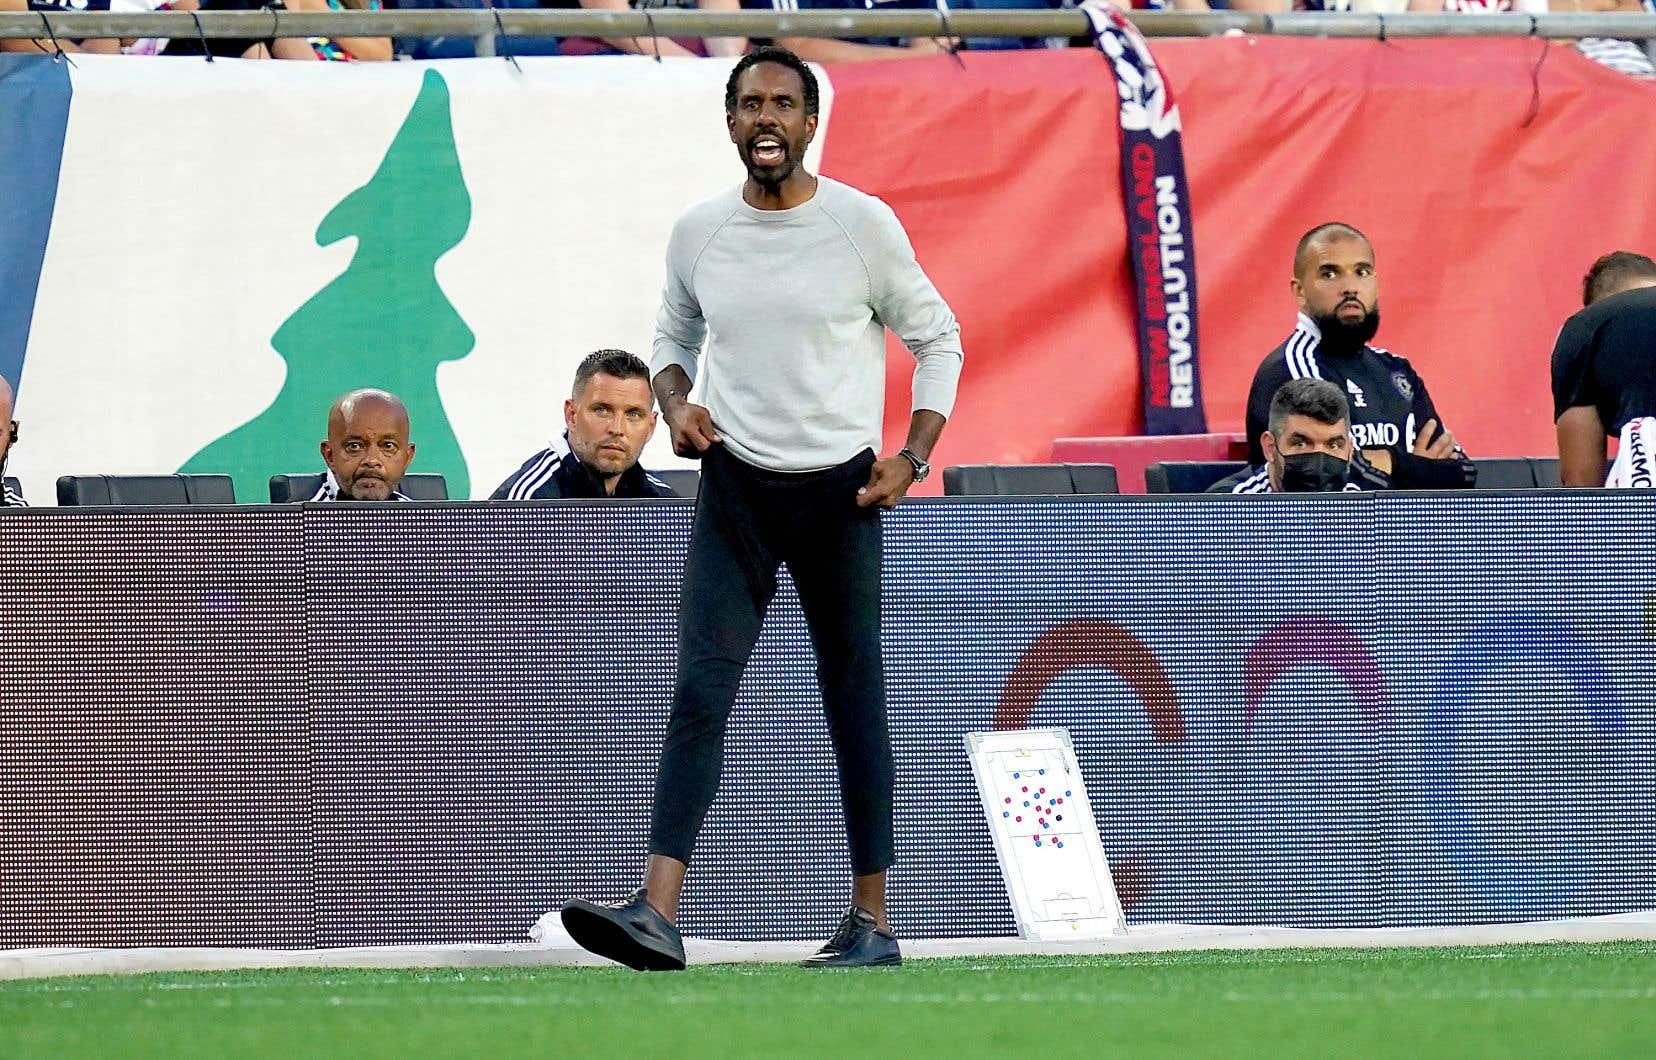 Wilfried Nancy a fait remarquer que le Revolution a cette capacité d'aller chercher le maximum de points lors des matchs, même lorsque ses joueurs livrent des performances de moins bonne qualité.